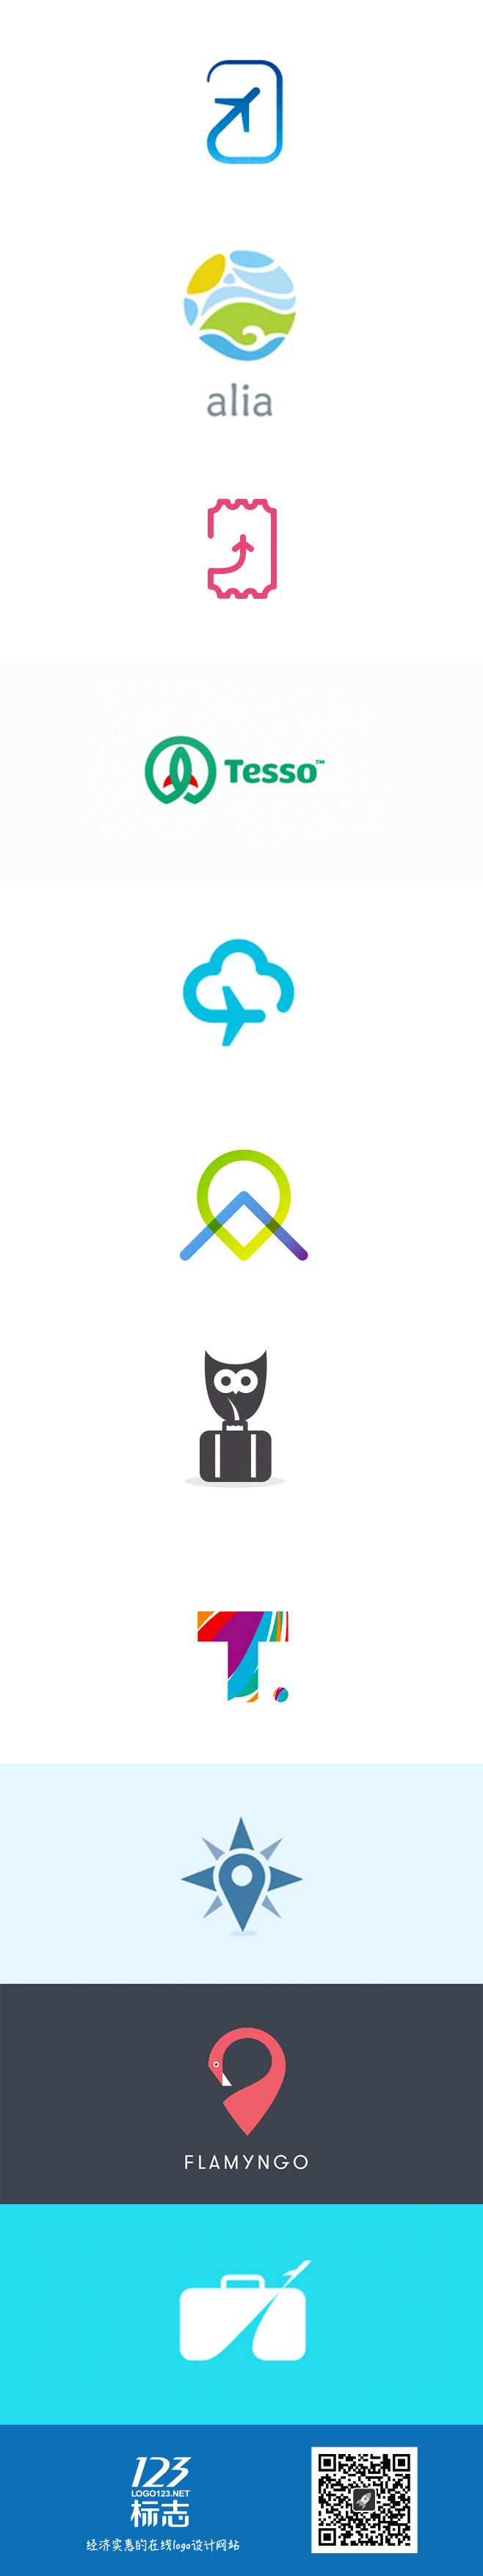 航空旅行度假元素logo设计集锦